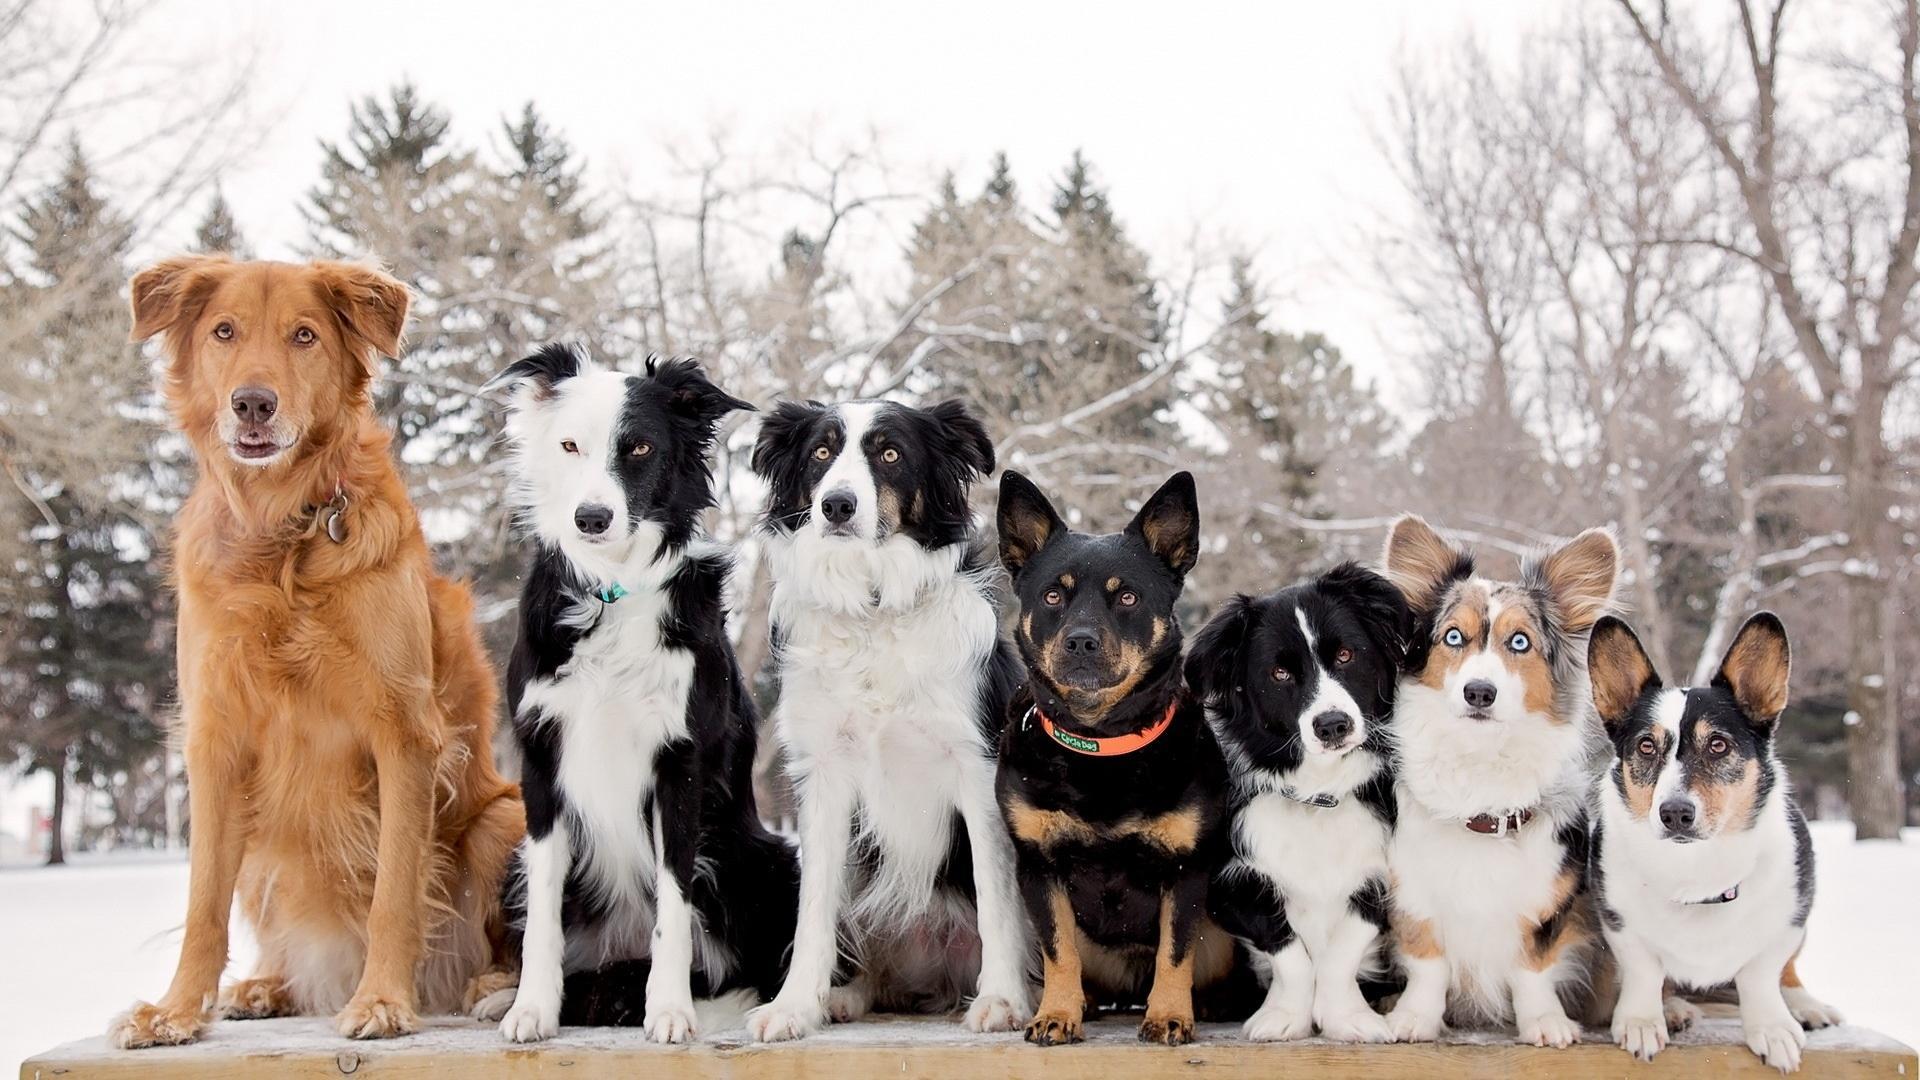 Породы собак оказались разными по структуре мозга